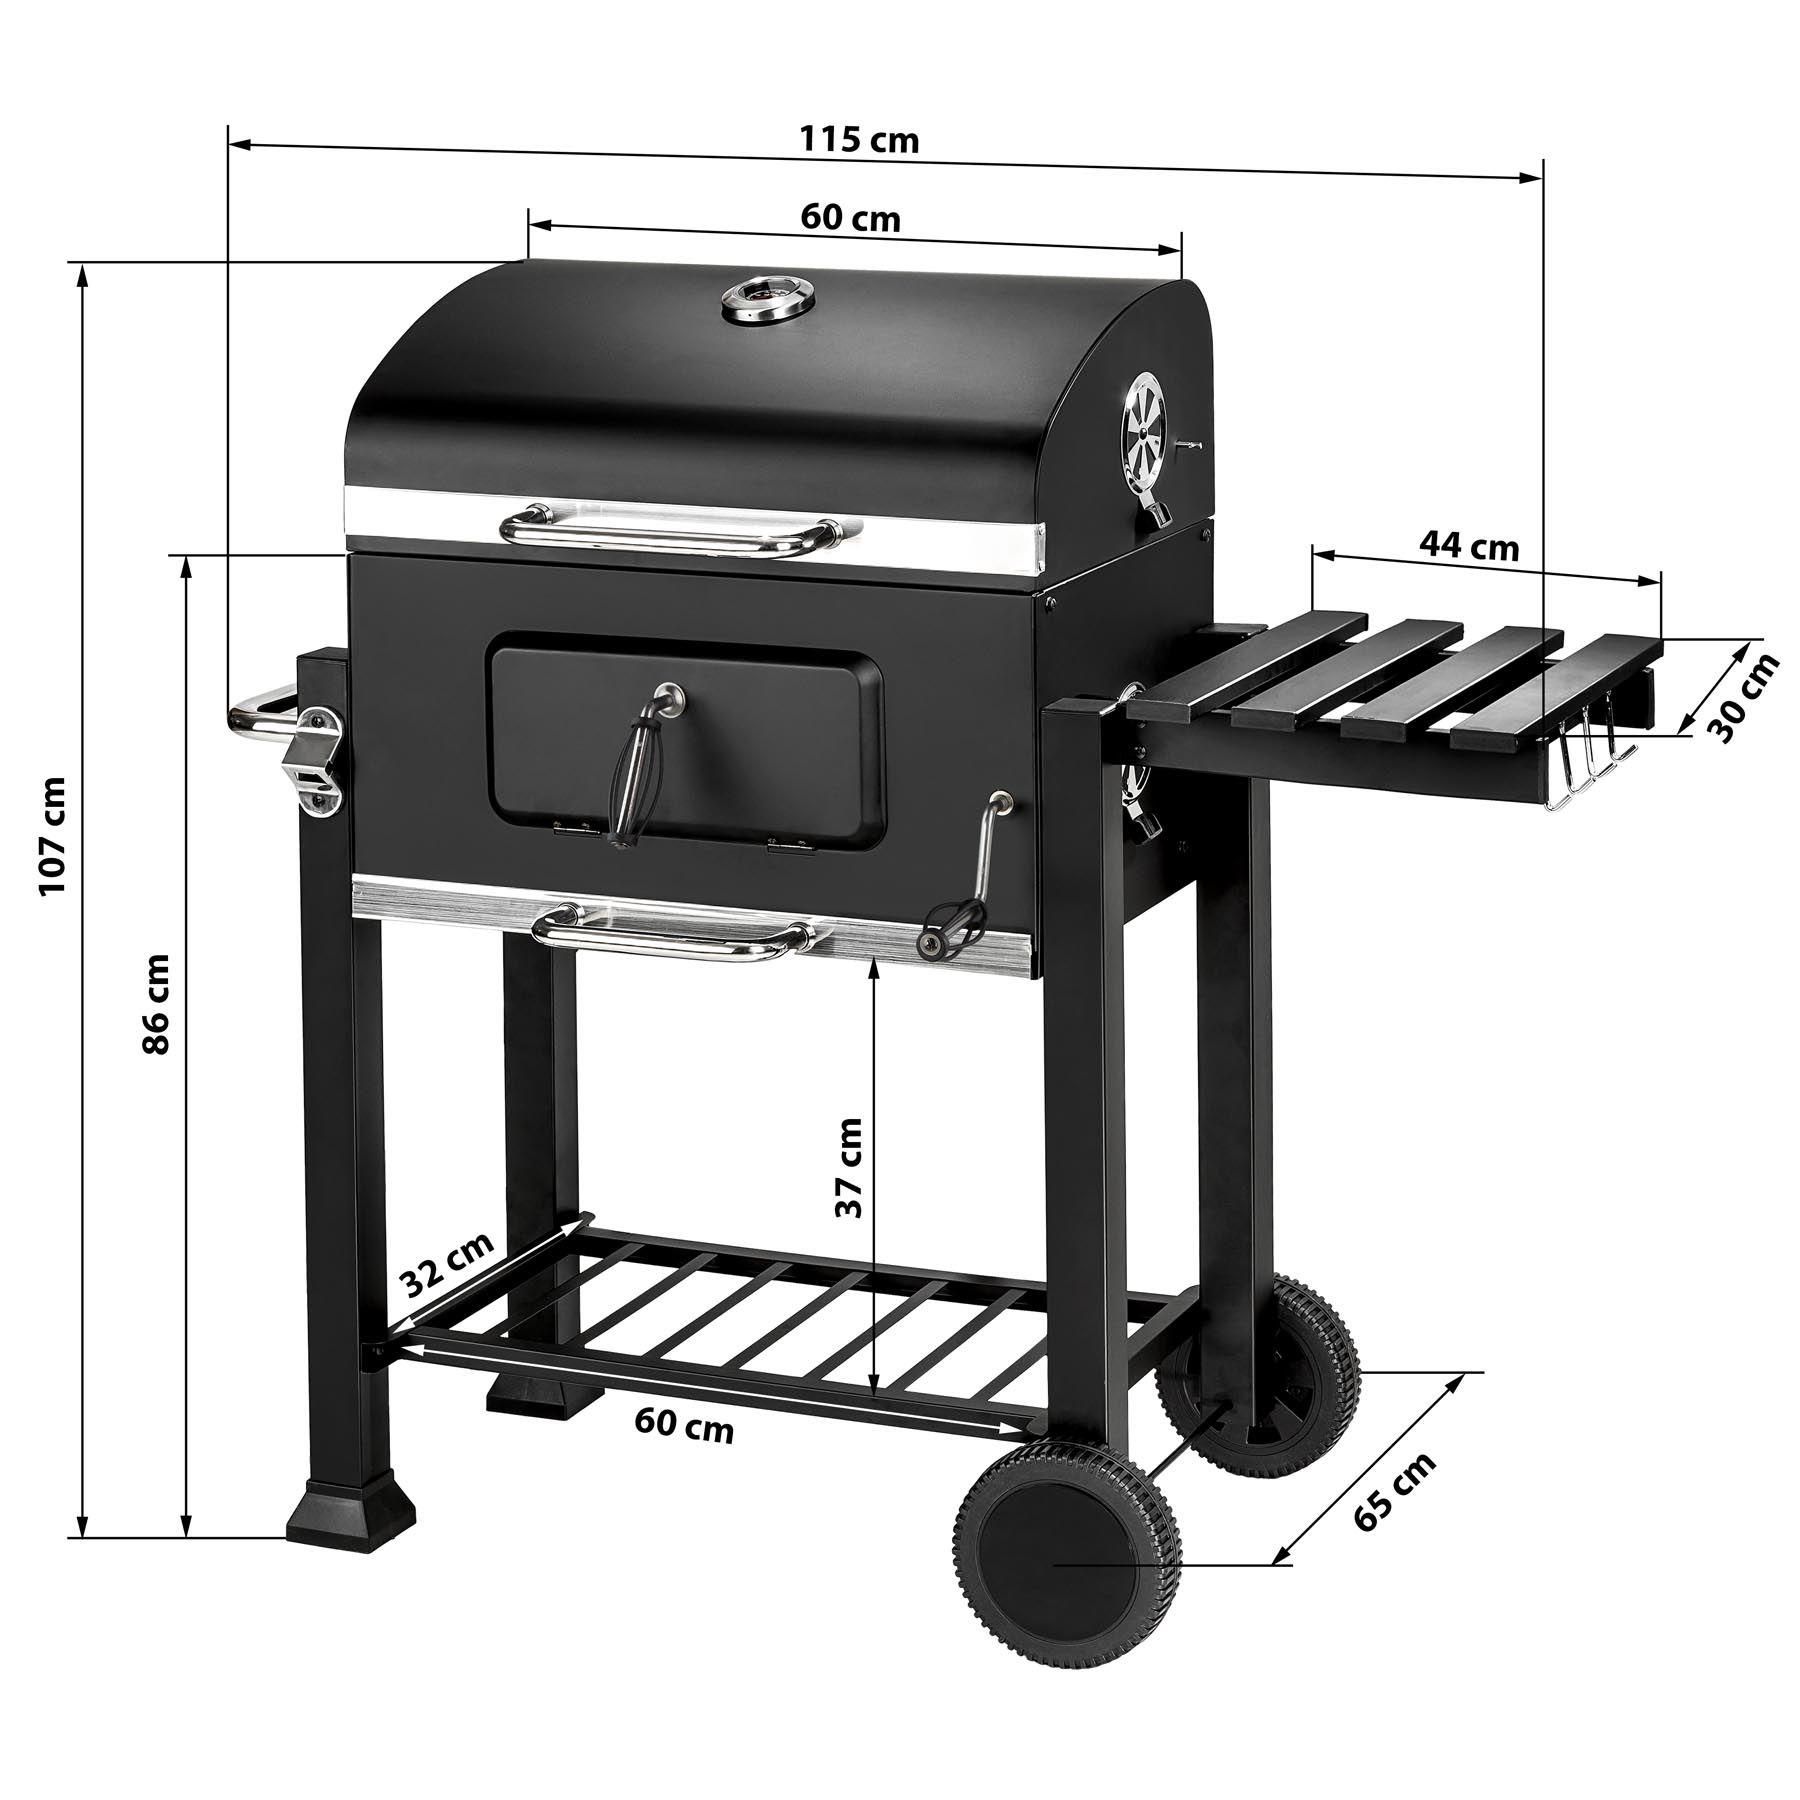 Artículos para terraza y jardín Estufa jardin BBQ Barbacoa de carbón con ruedas vegetal parrilla fumador madera 115x65x107cm